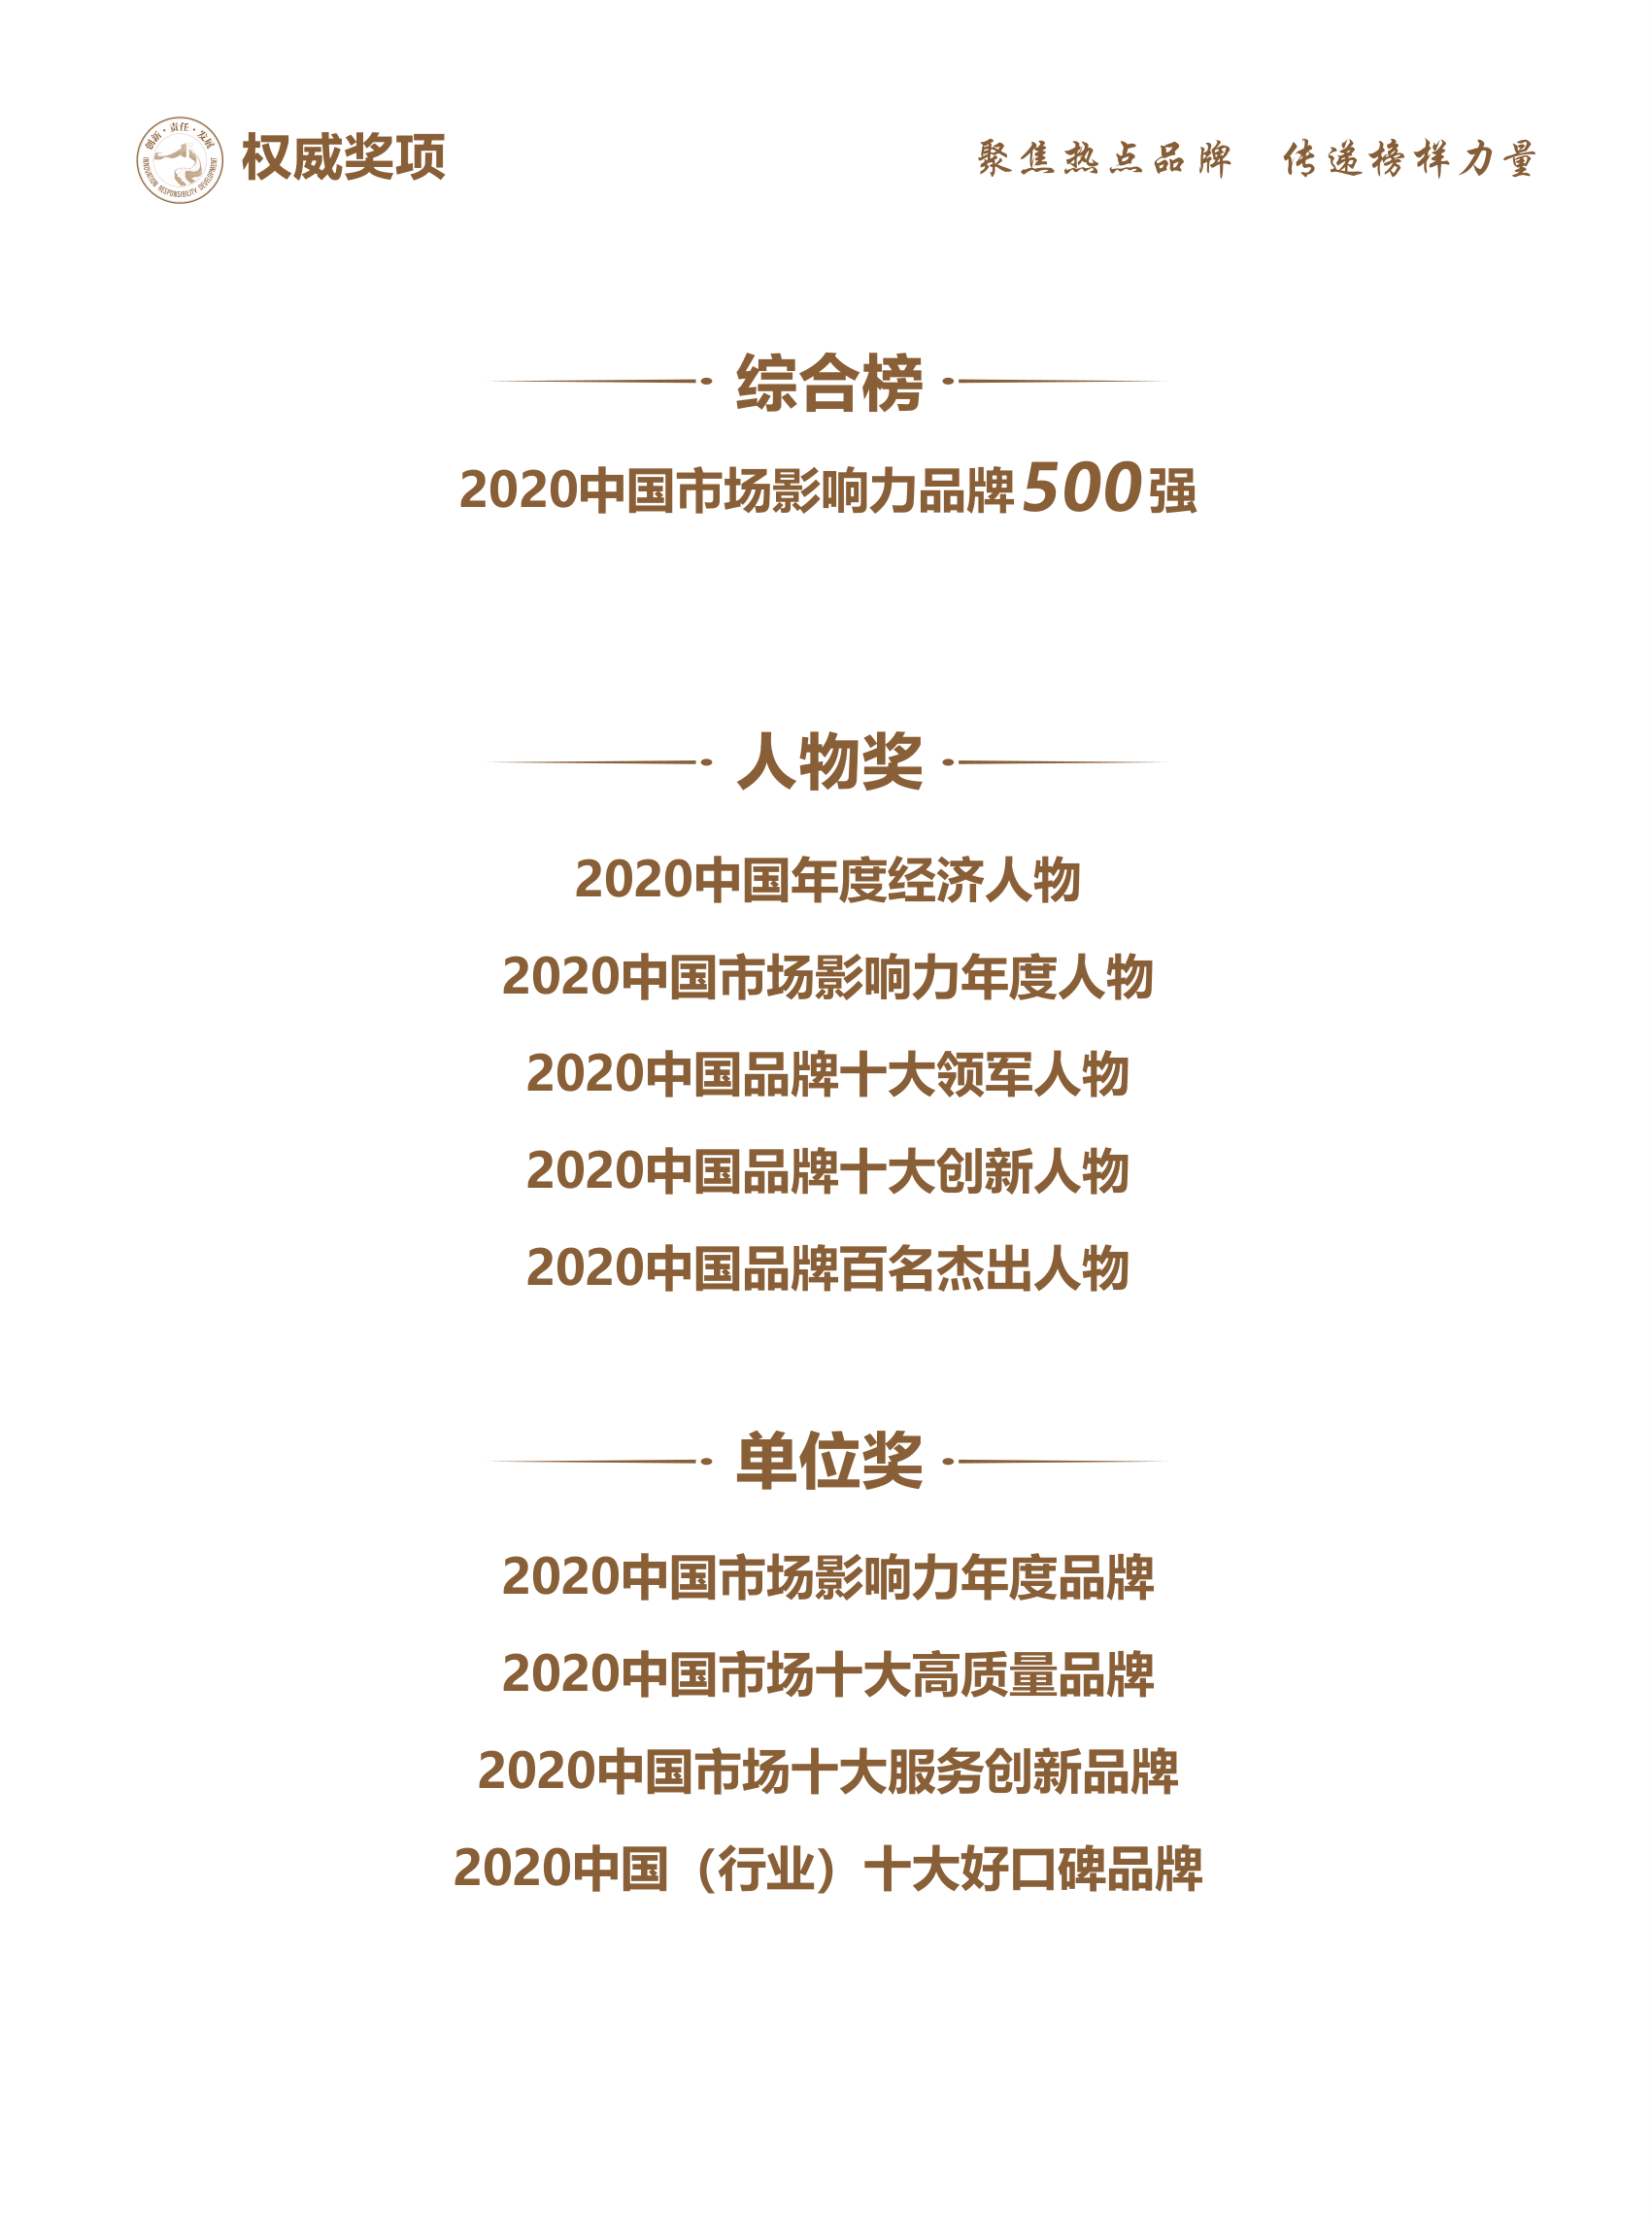 品牌500强发布会._5.png